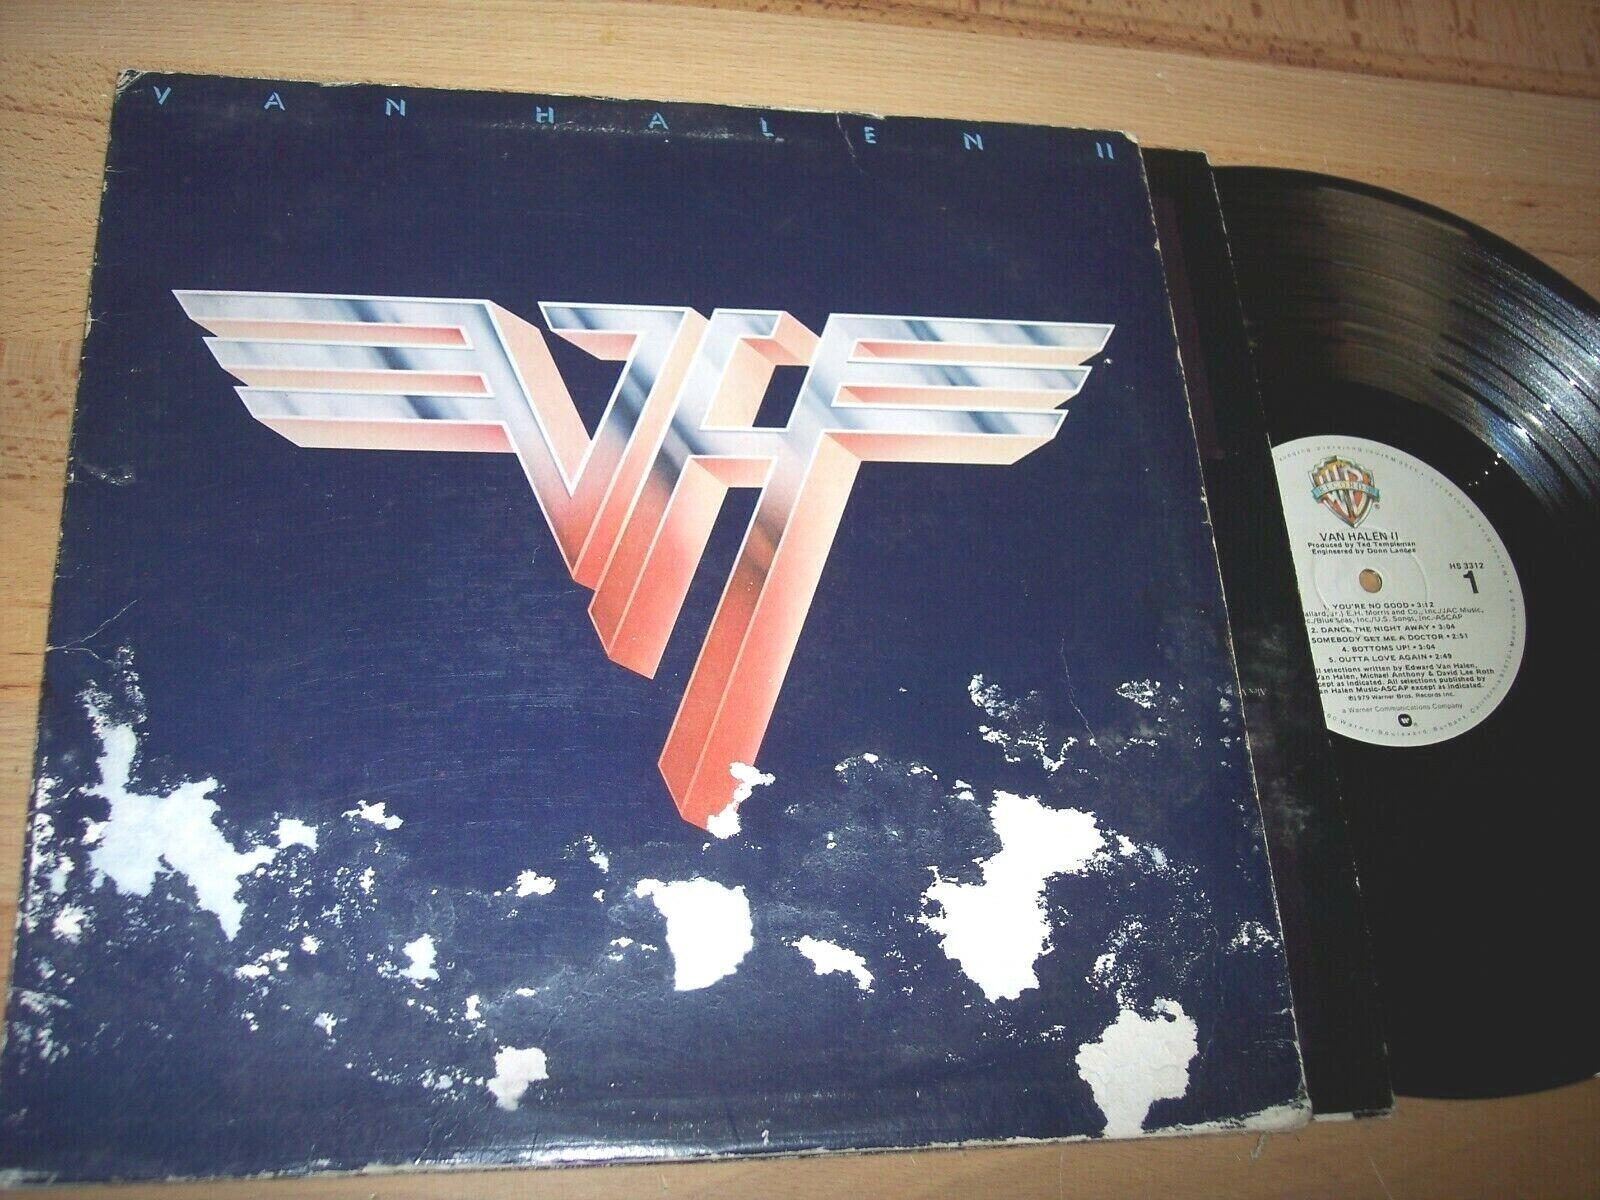 VG 1979 Van Halen II LP Album - $2.99